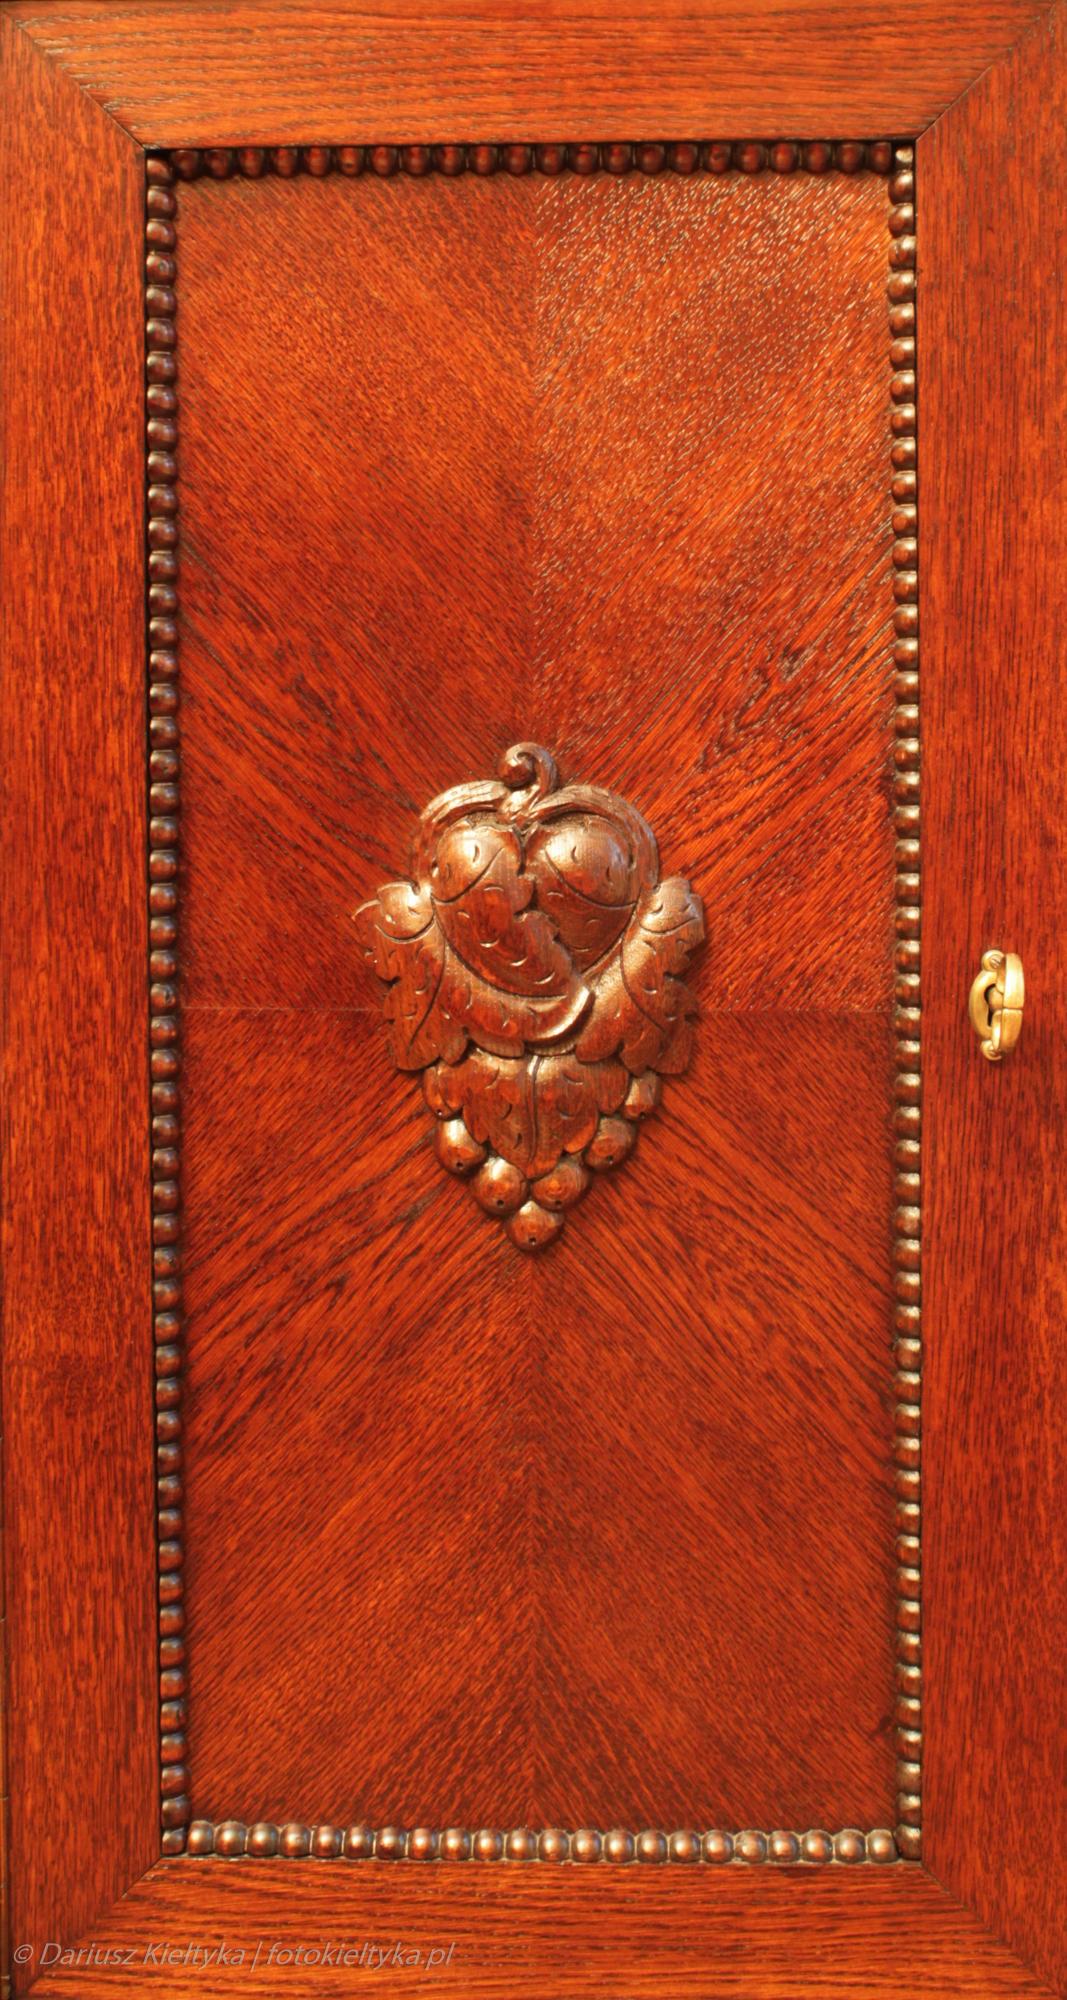 fotografia zdjęcie foto meble antyki secesja drzwi okucie rozeta rzeźbienia motyw